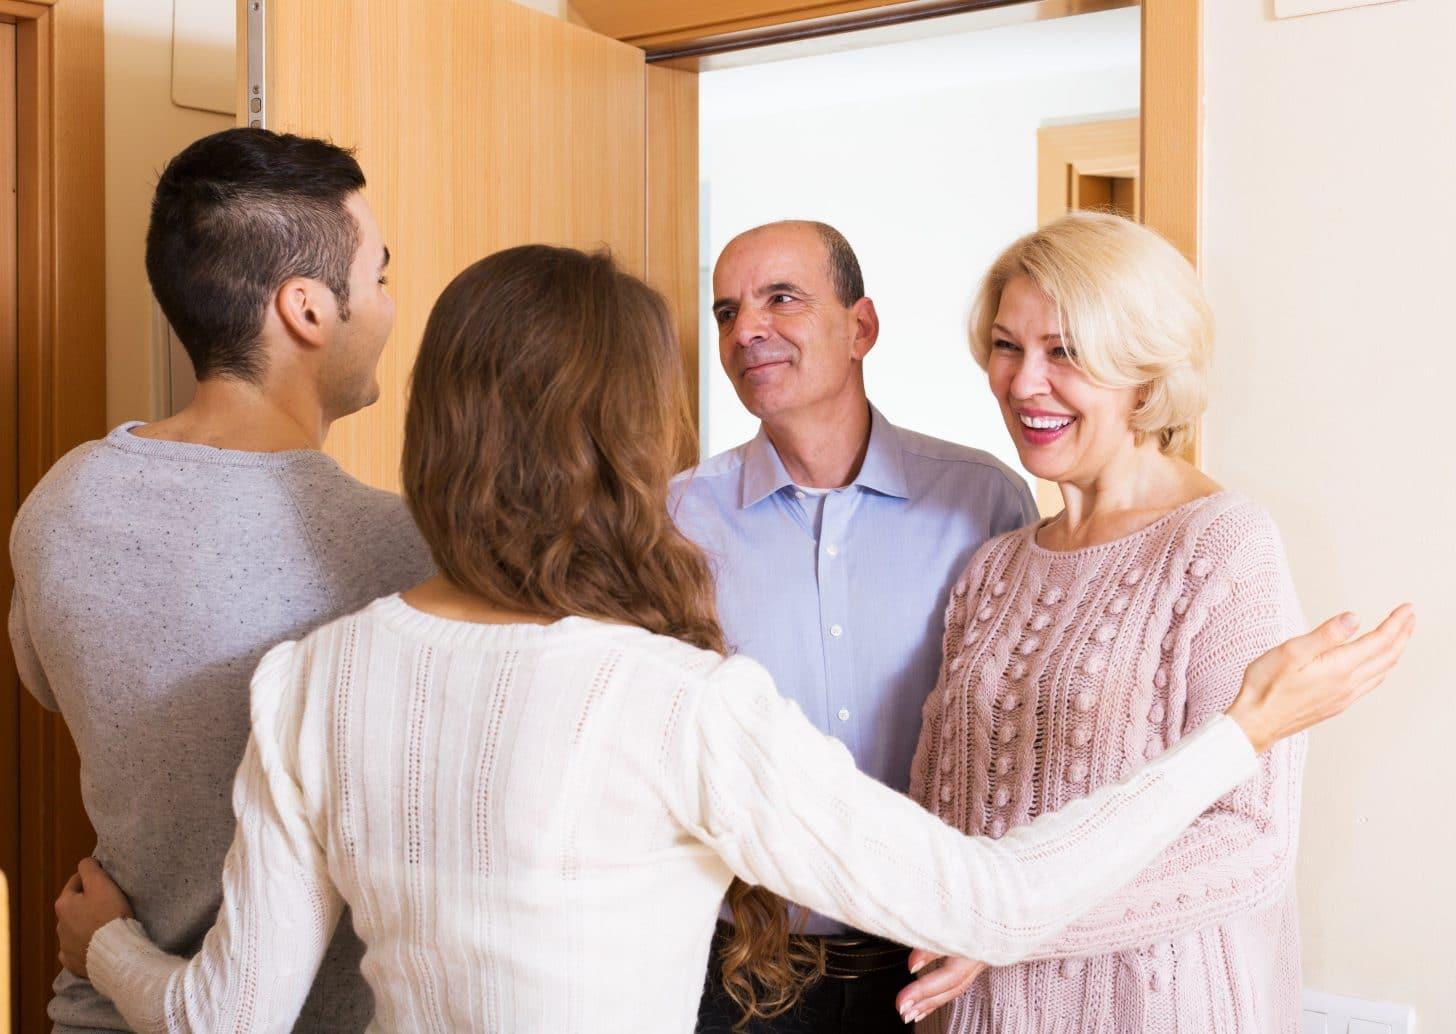 Как вести себя на свадьбе? правила поведения для гостей, невесты, жениха и родителей. как правильно должен держать себя дружка-свидетель?